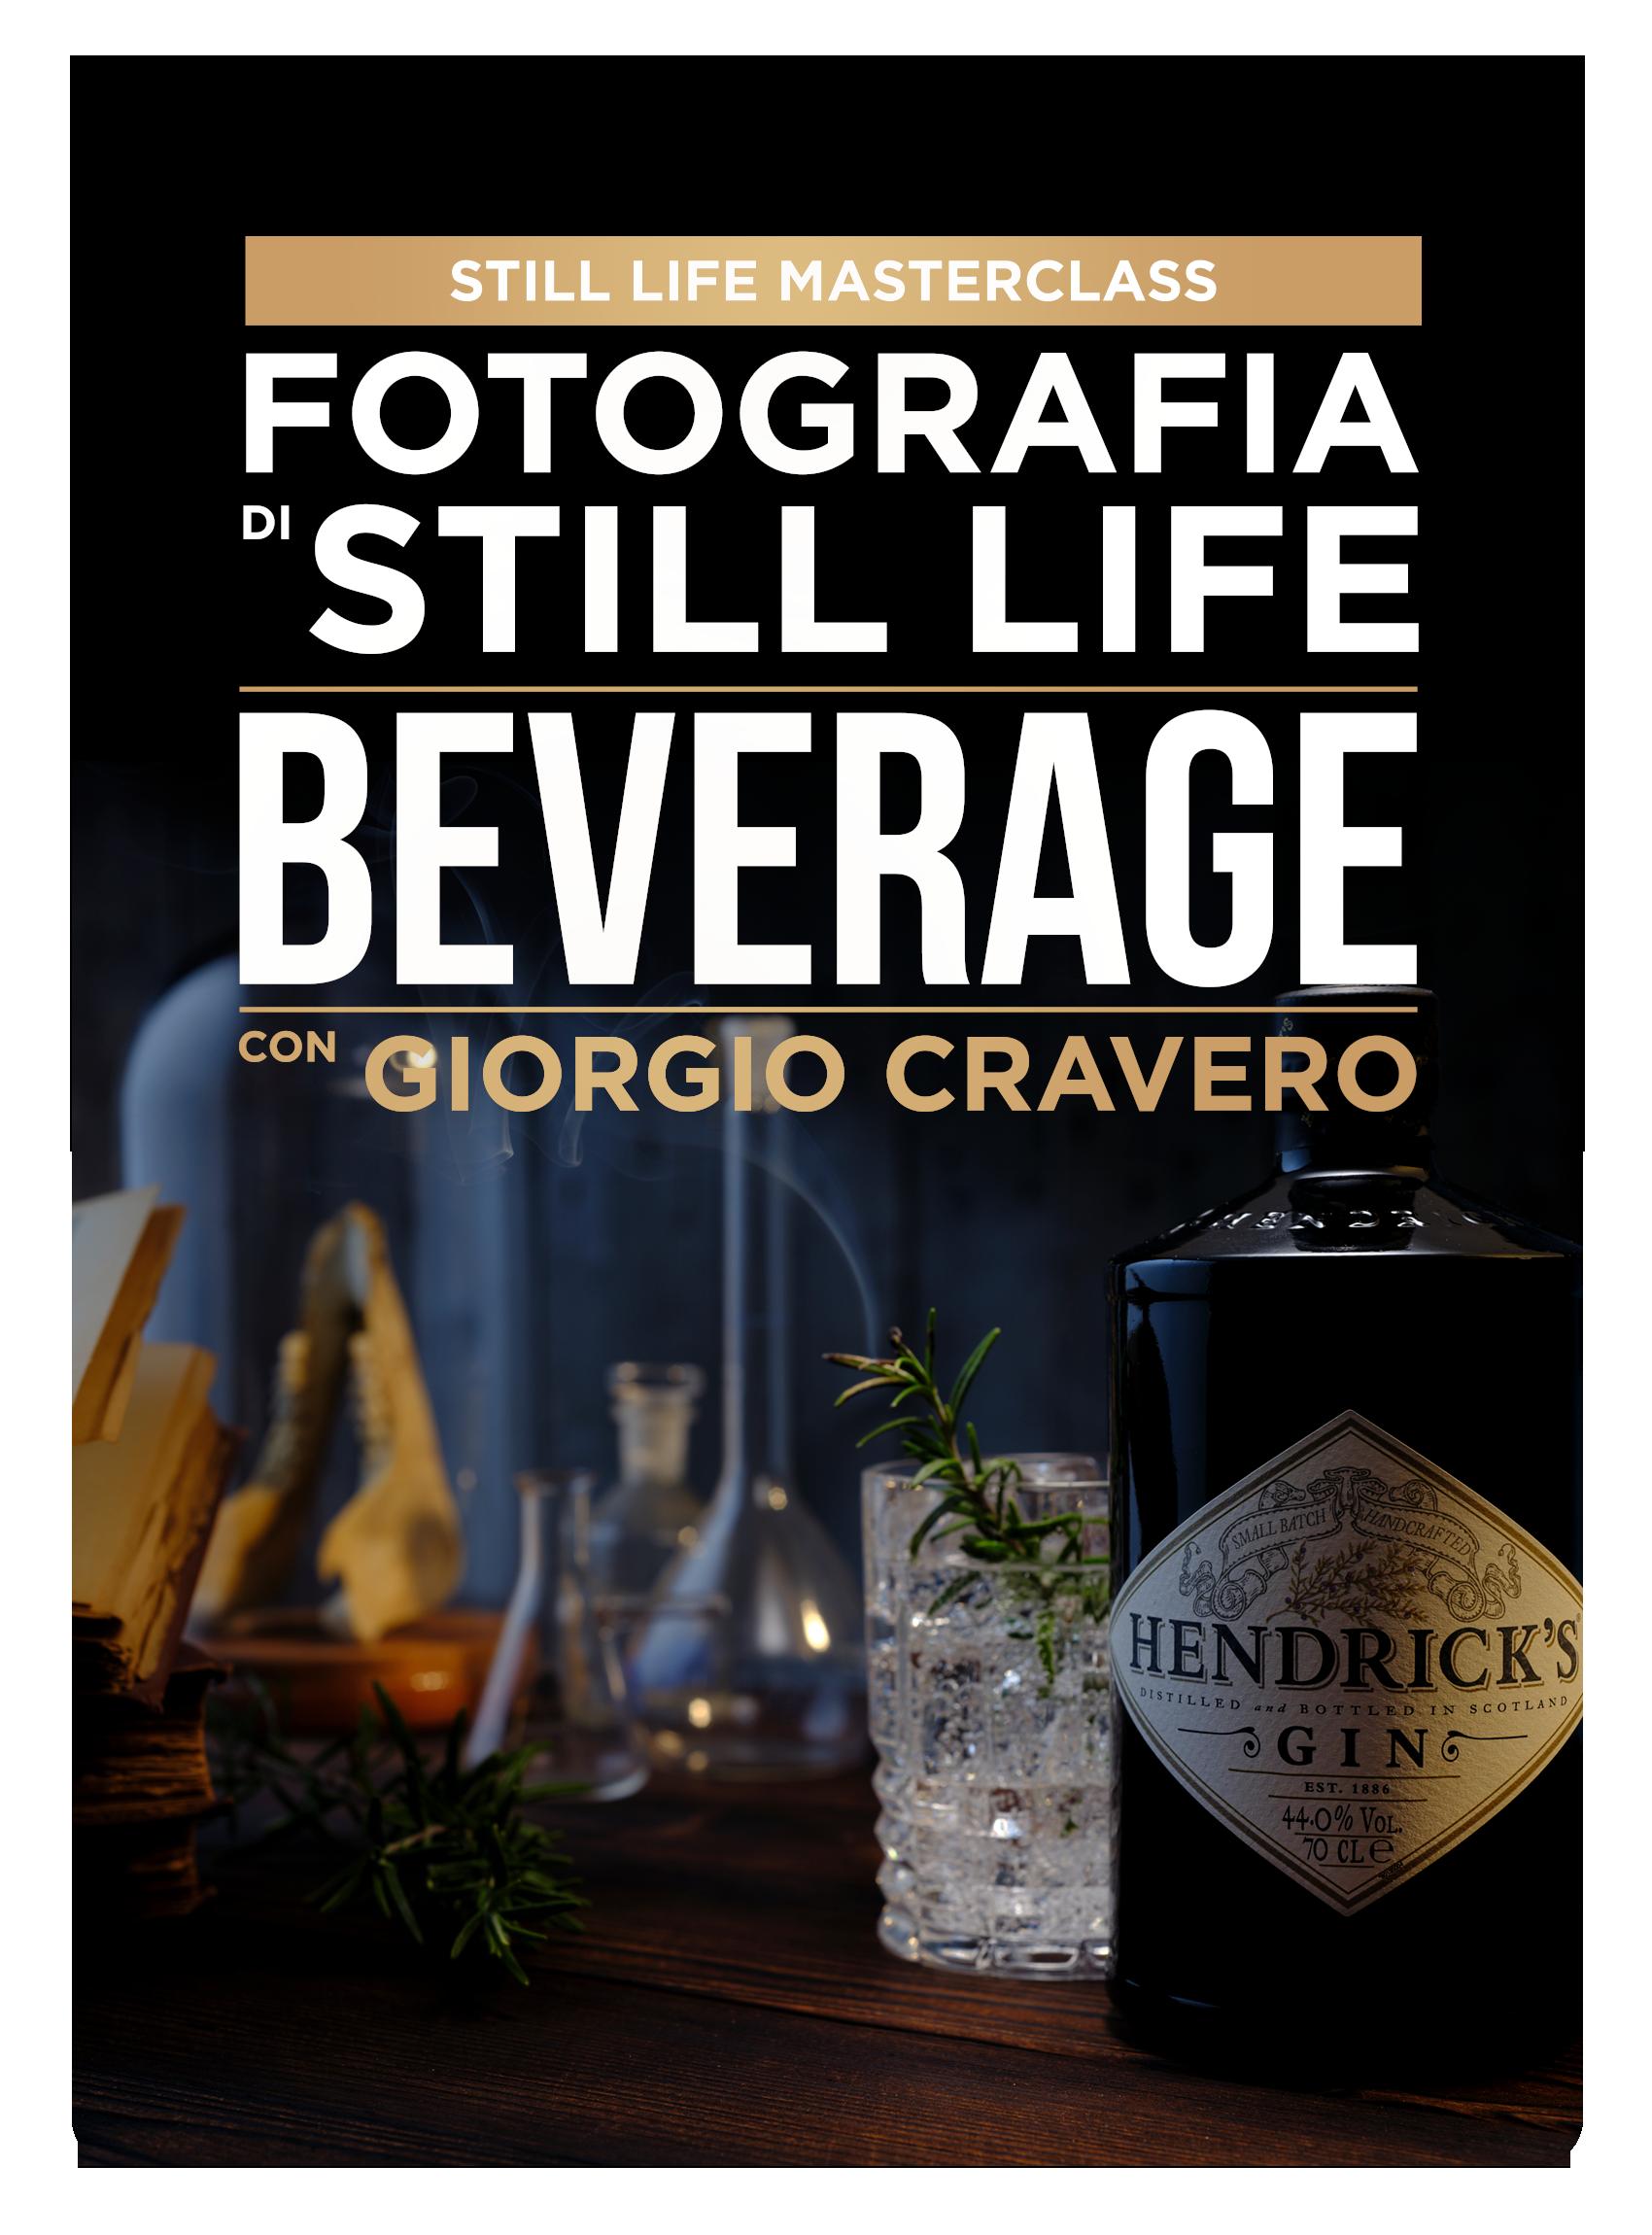 Fotografia di Still Life Beverage con Giorgio Cravero